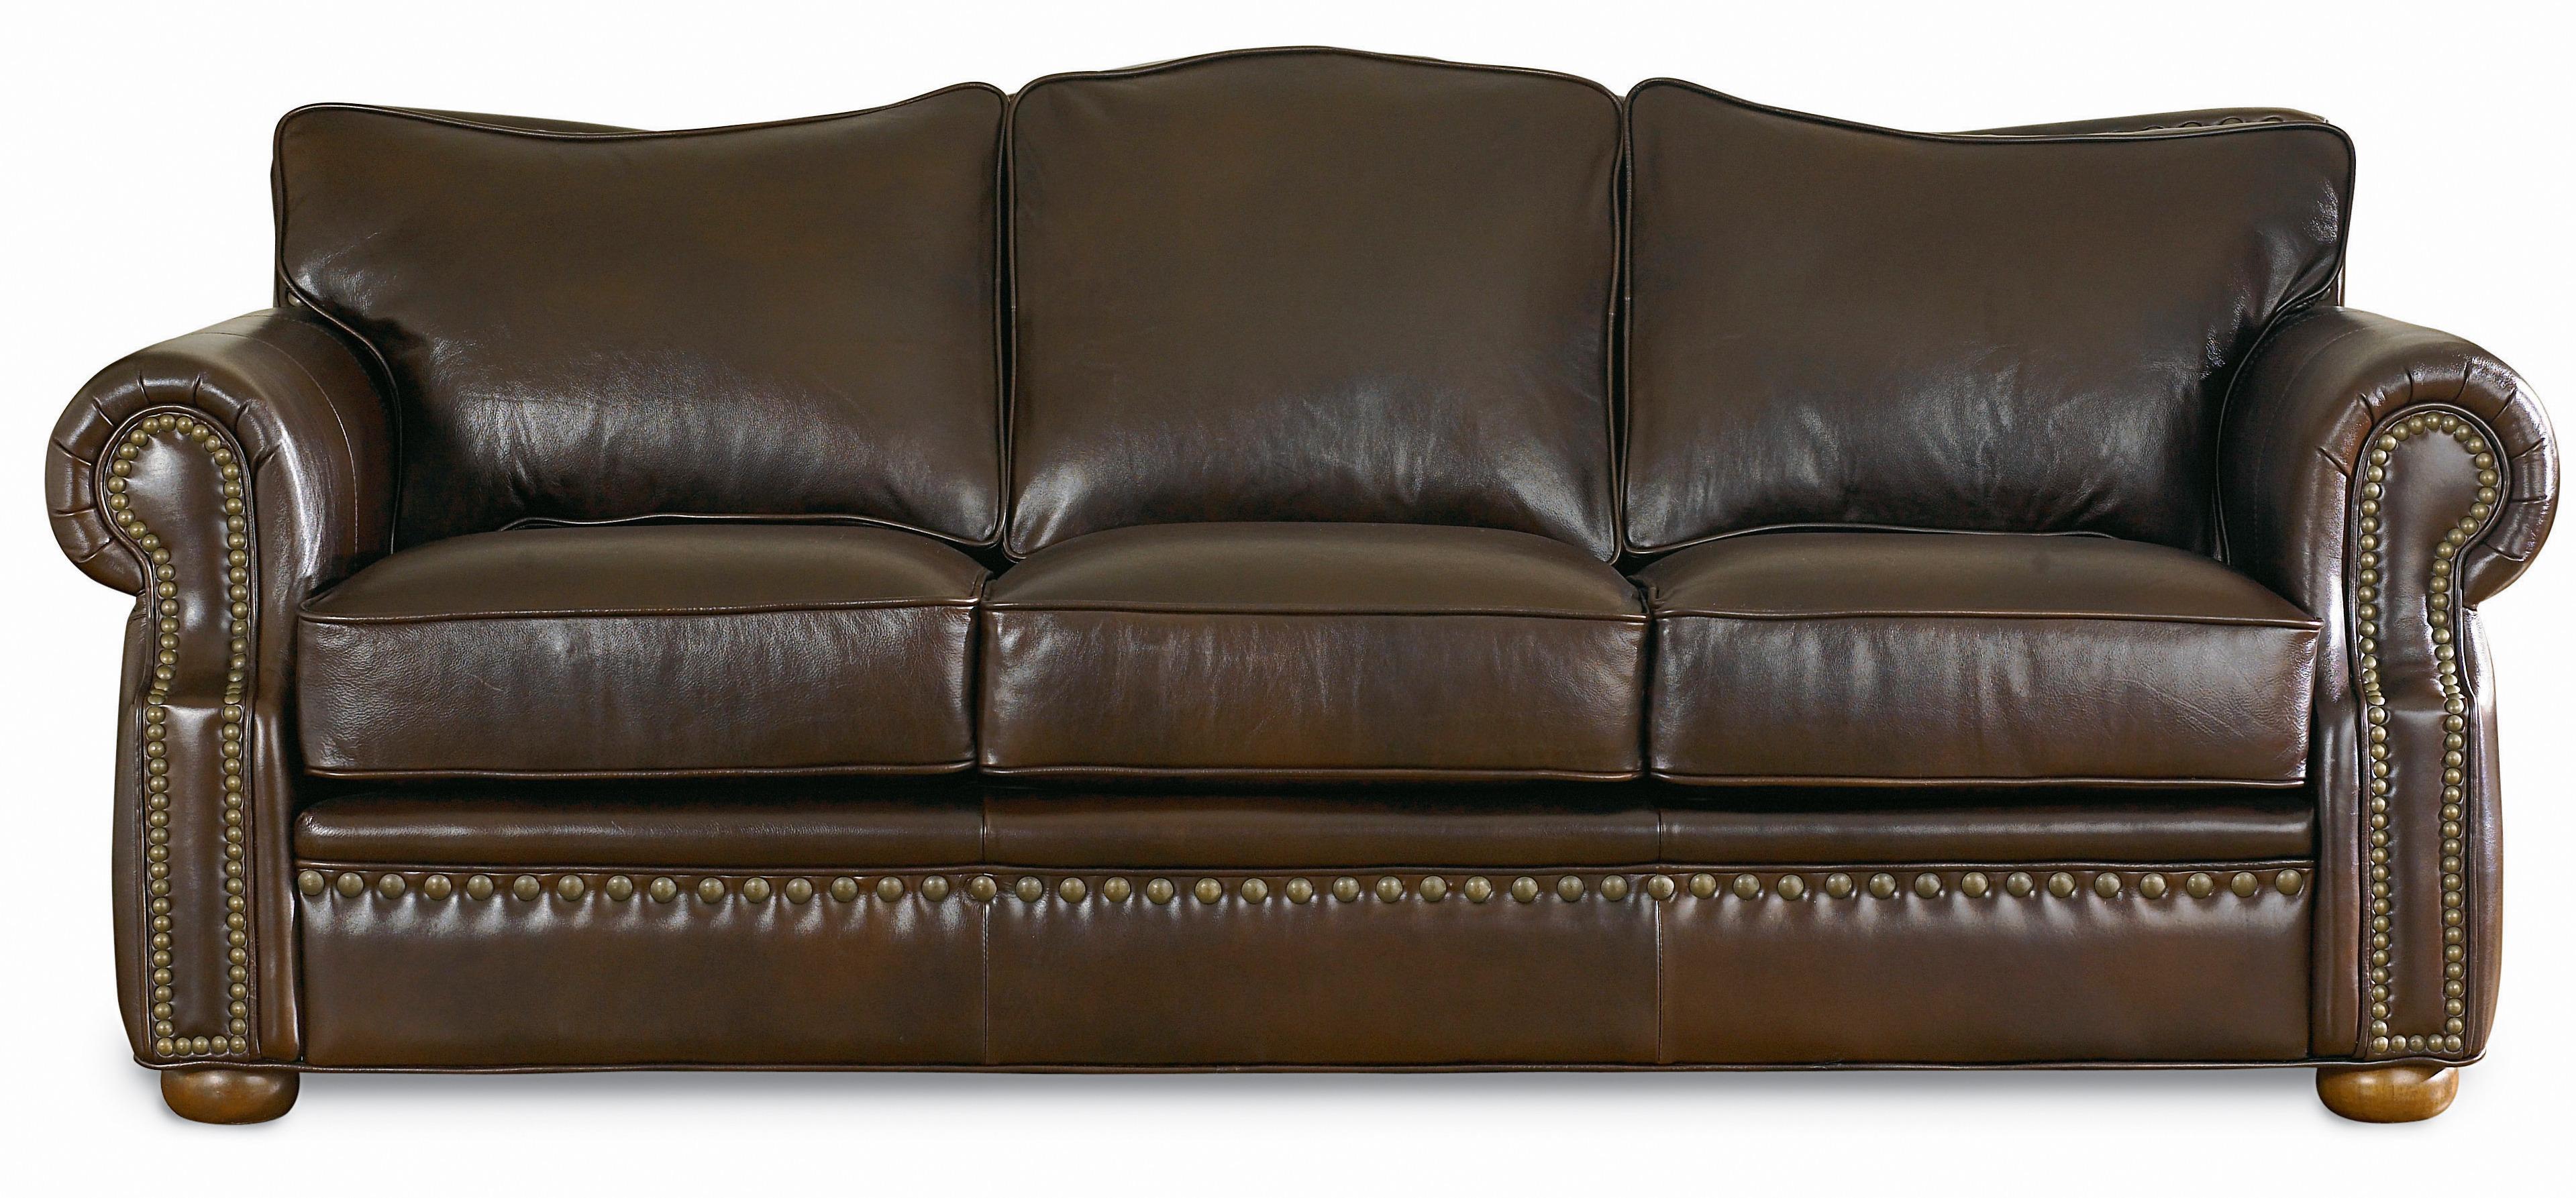 Sofas Center : Leather Sofas In Austin Txwhite Sofa White For Leather Sectional Austin (View 19 of 20)